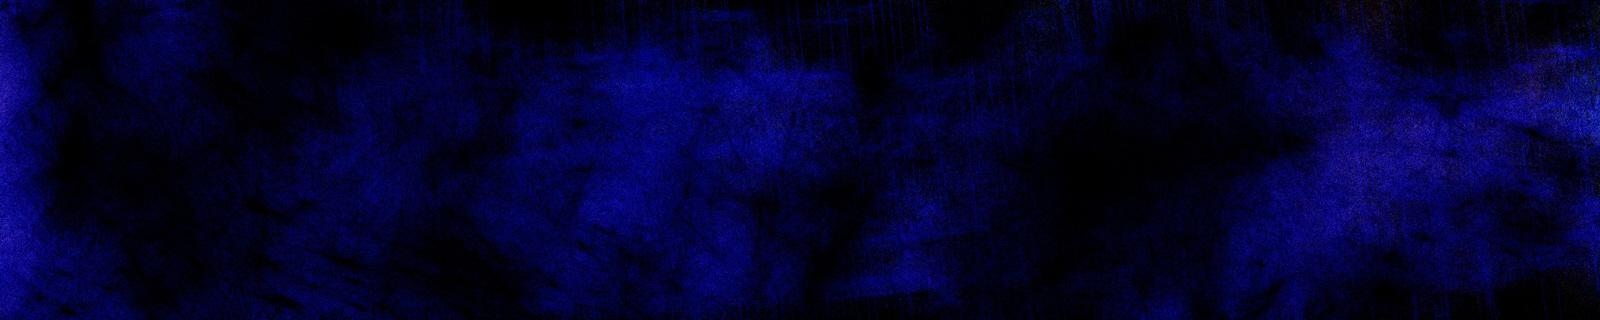 Grunge blue banner photo